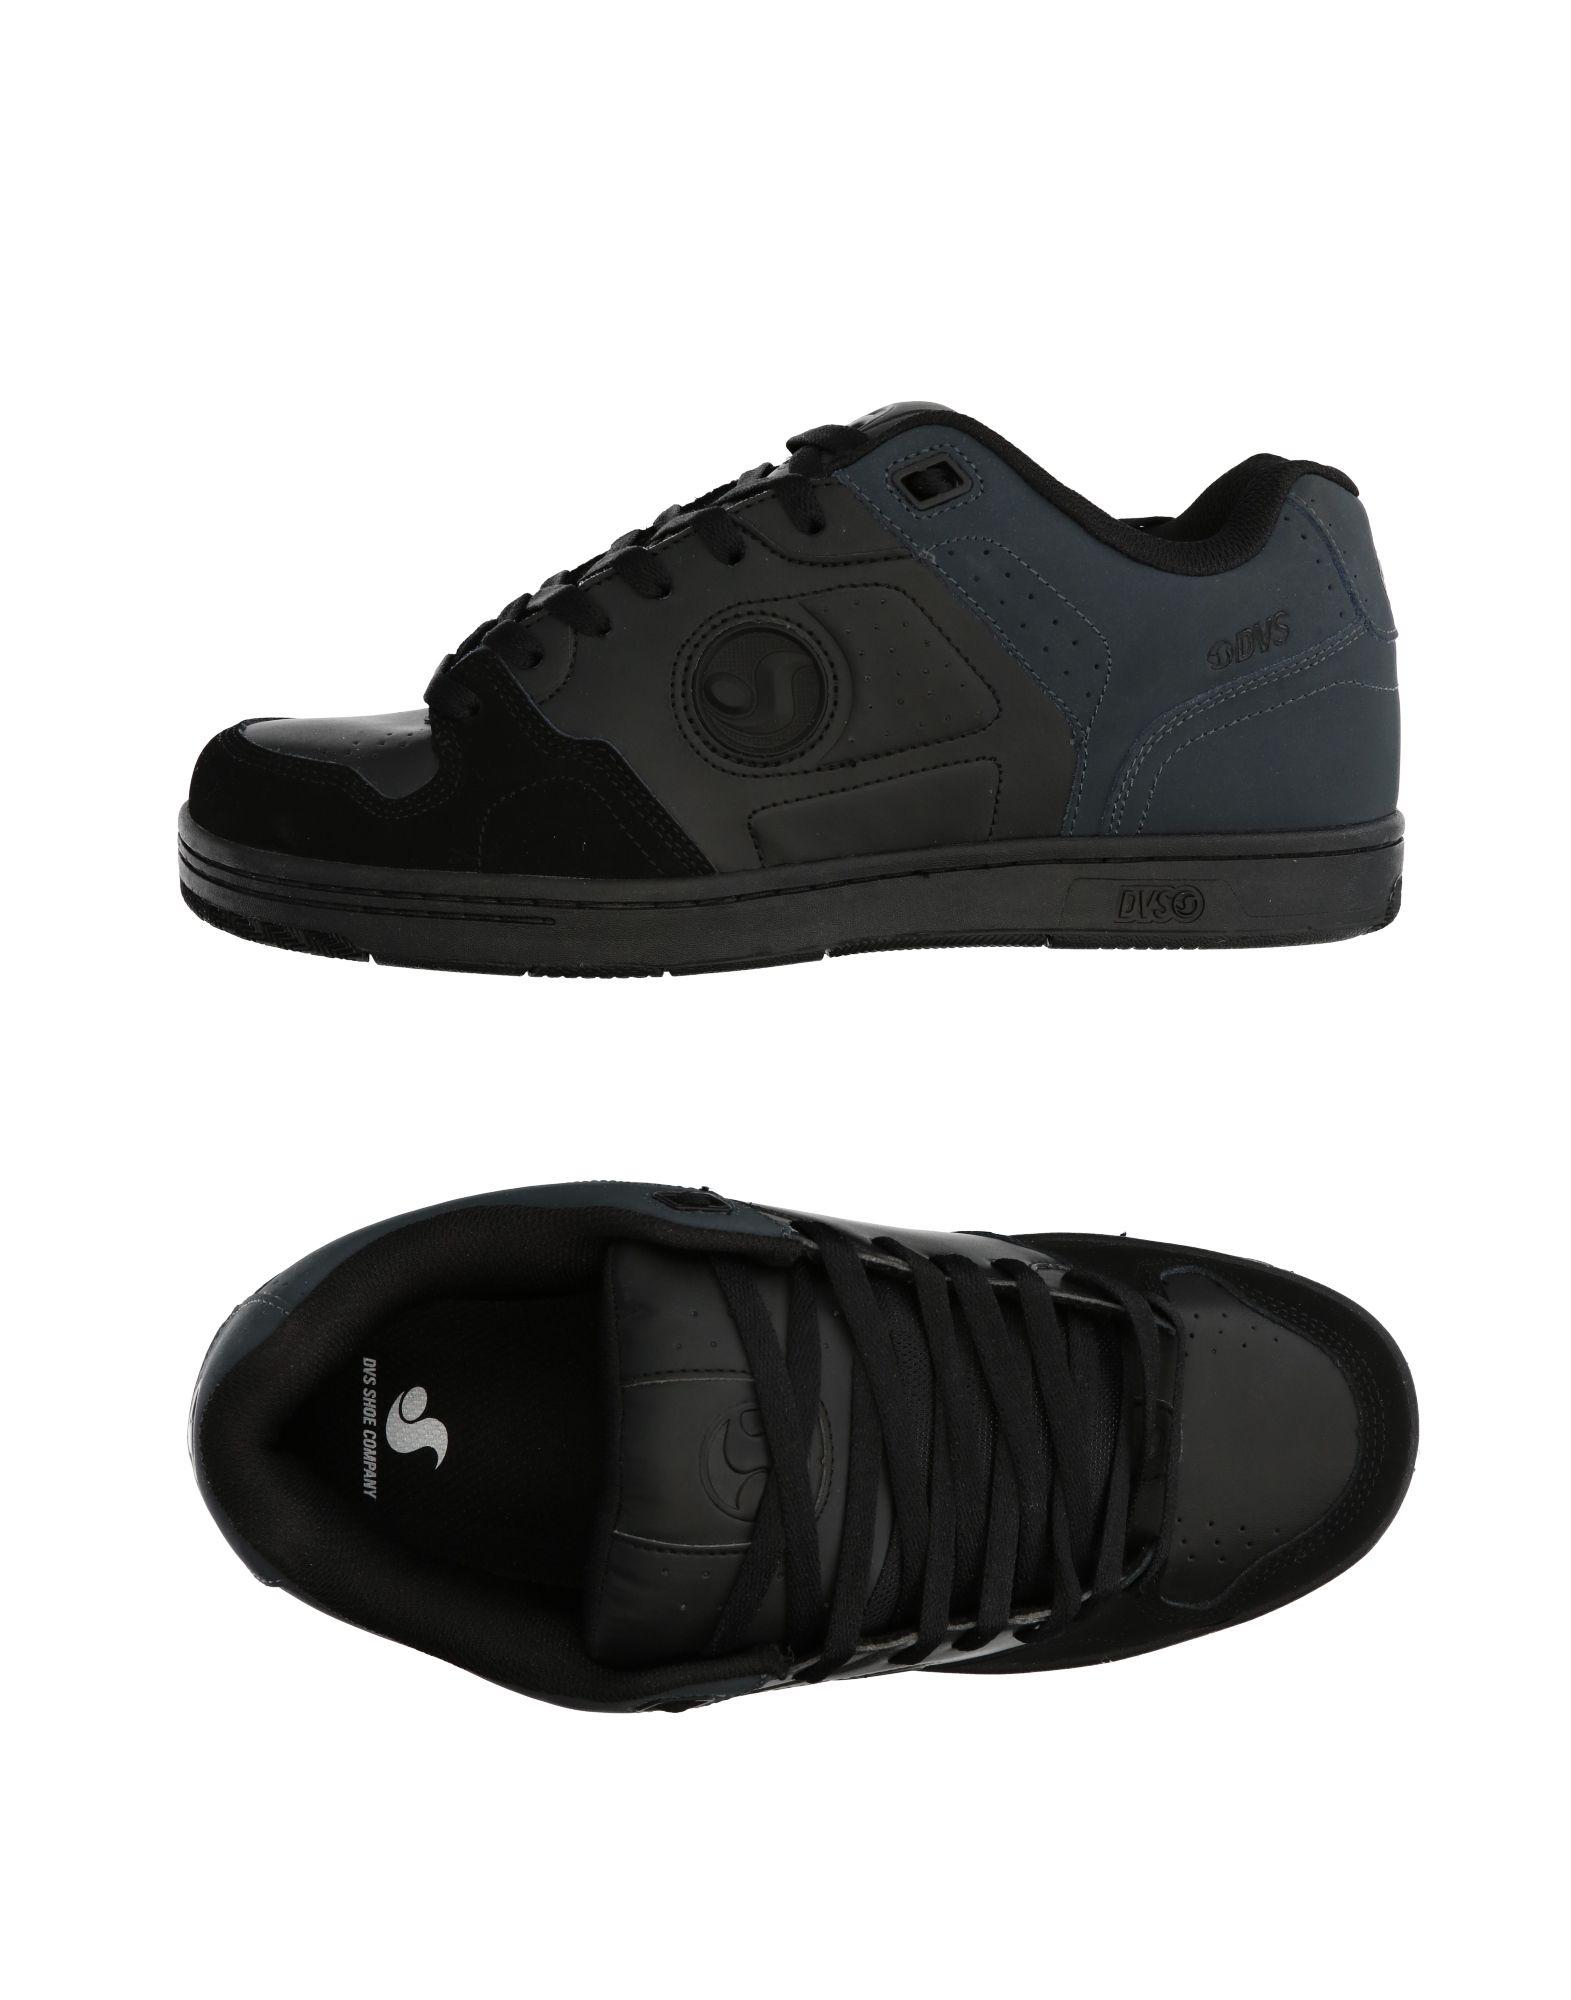 Rabatt Company echte Schuhe Dvs Shoe Company Rabatt Sneakers Herren  11298209FH 190af2